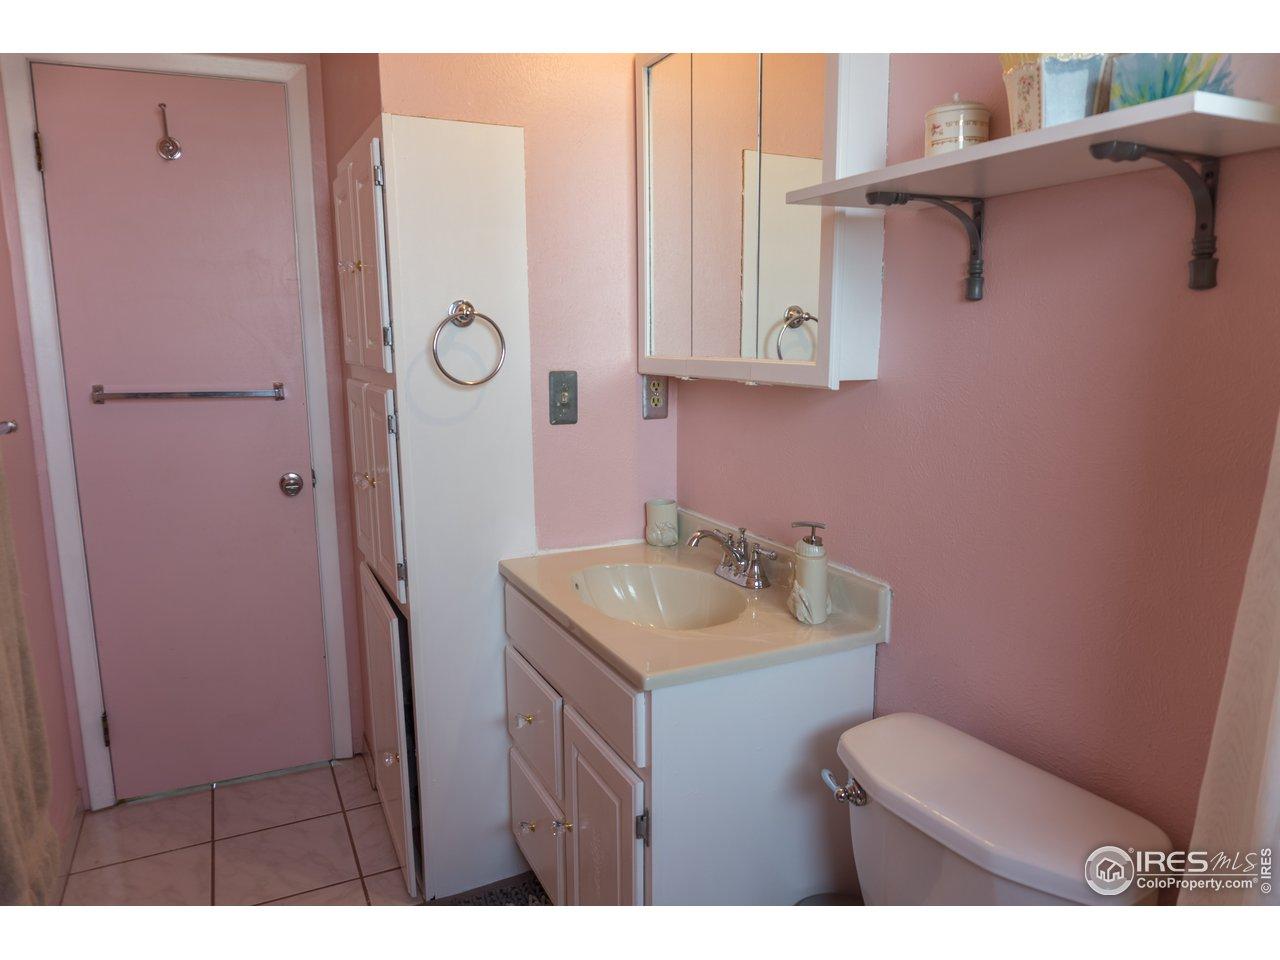 Upstairs bathroom.